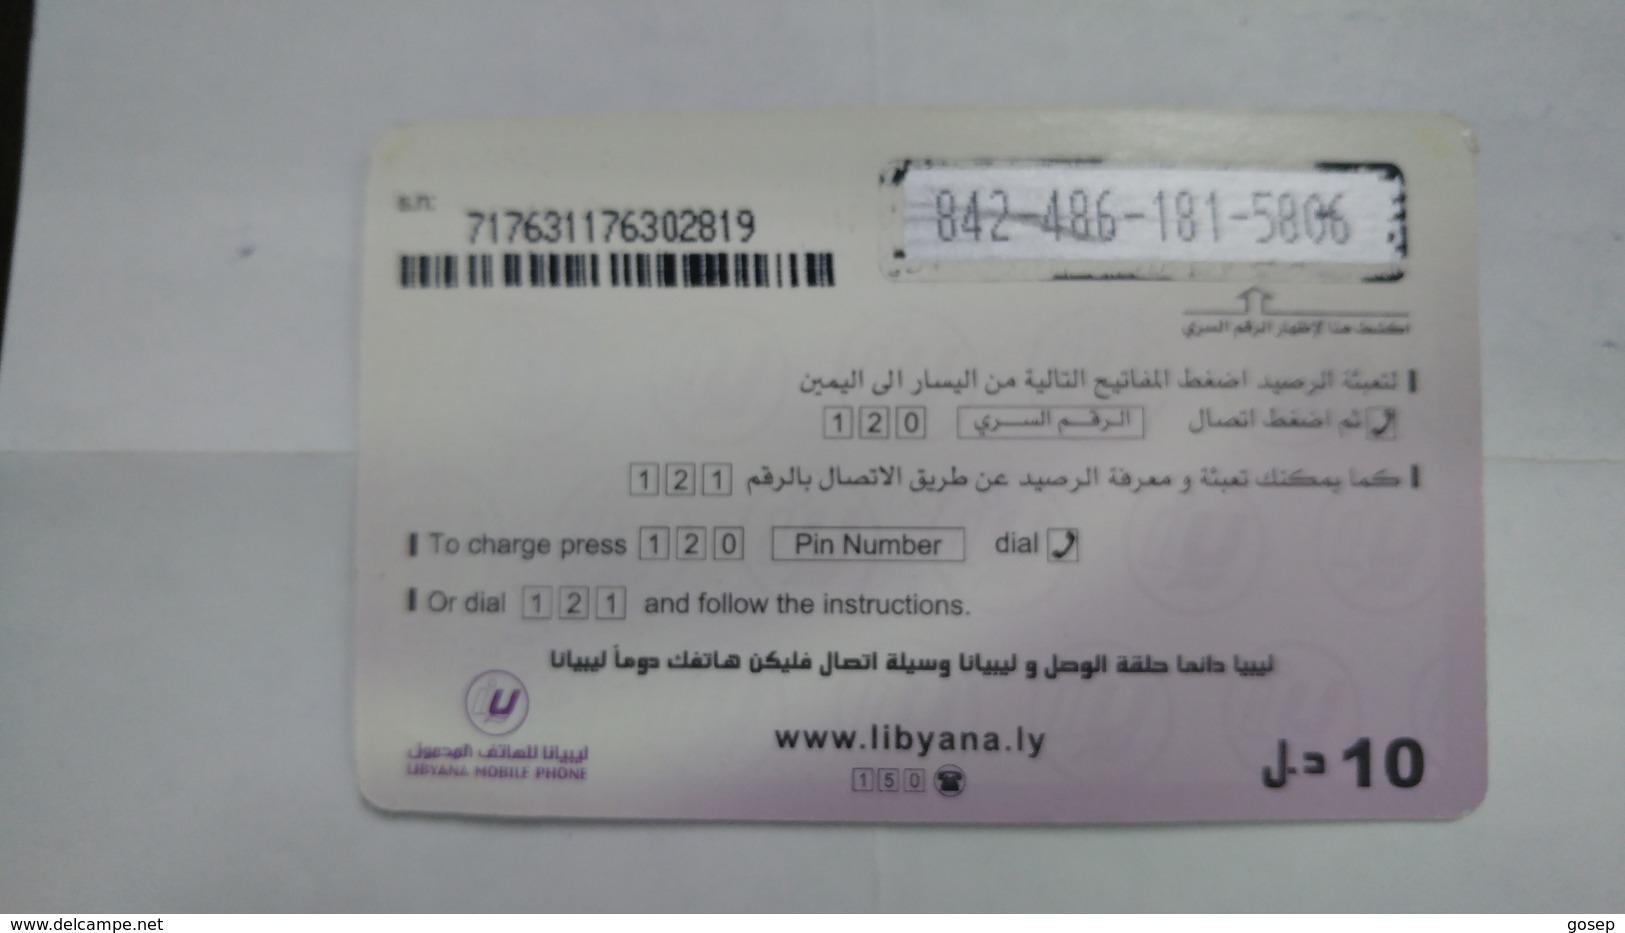 Libya-prepiad Card-(17)-(10units)-(8424861815806)-used Card+1card Prepiad Free - Libye